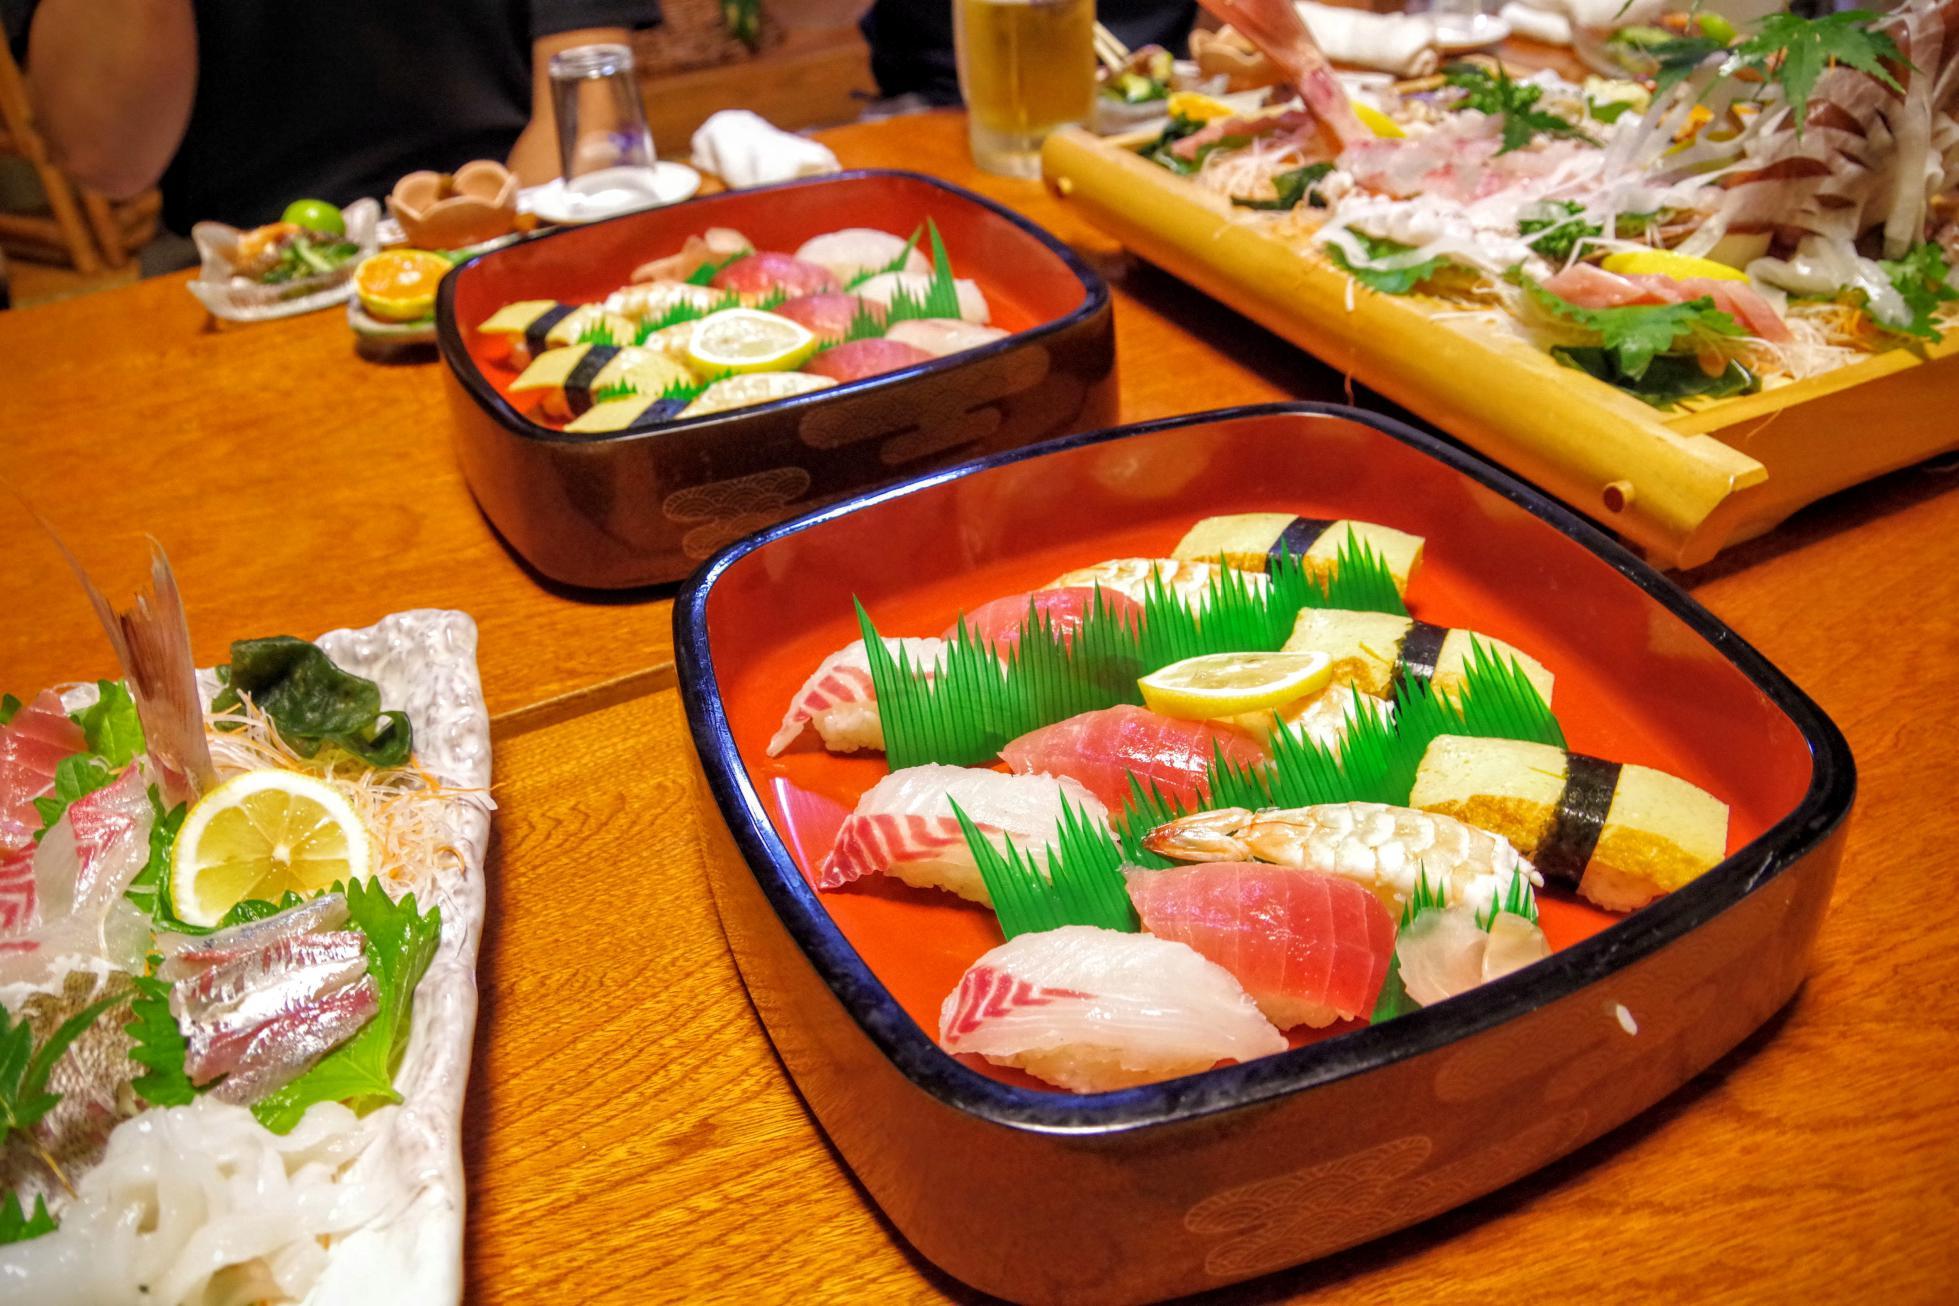 鯛福寿司のお寿司盛り合わせ